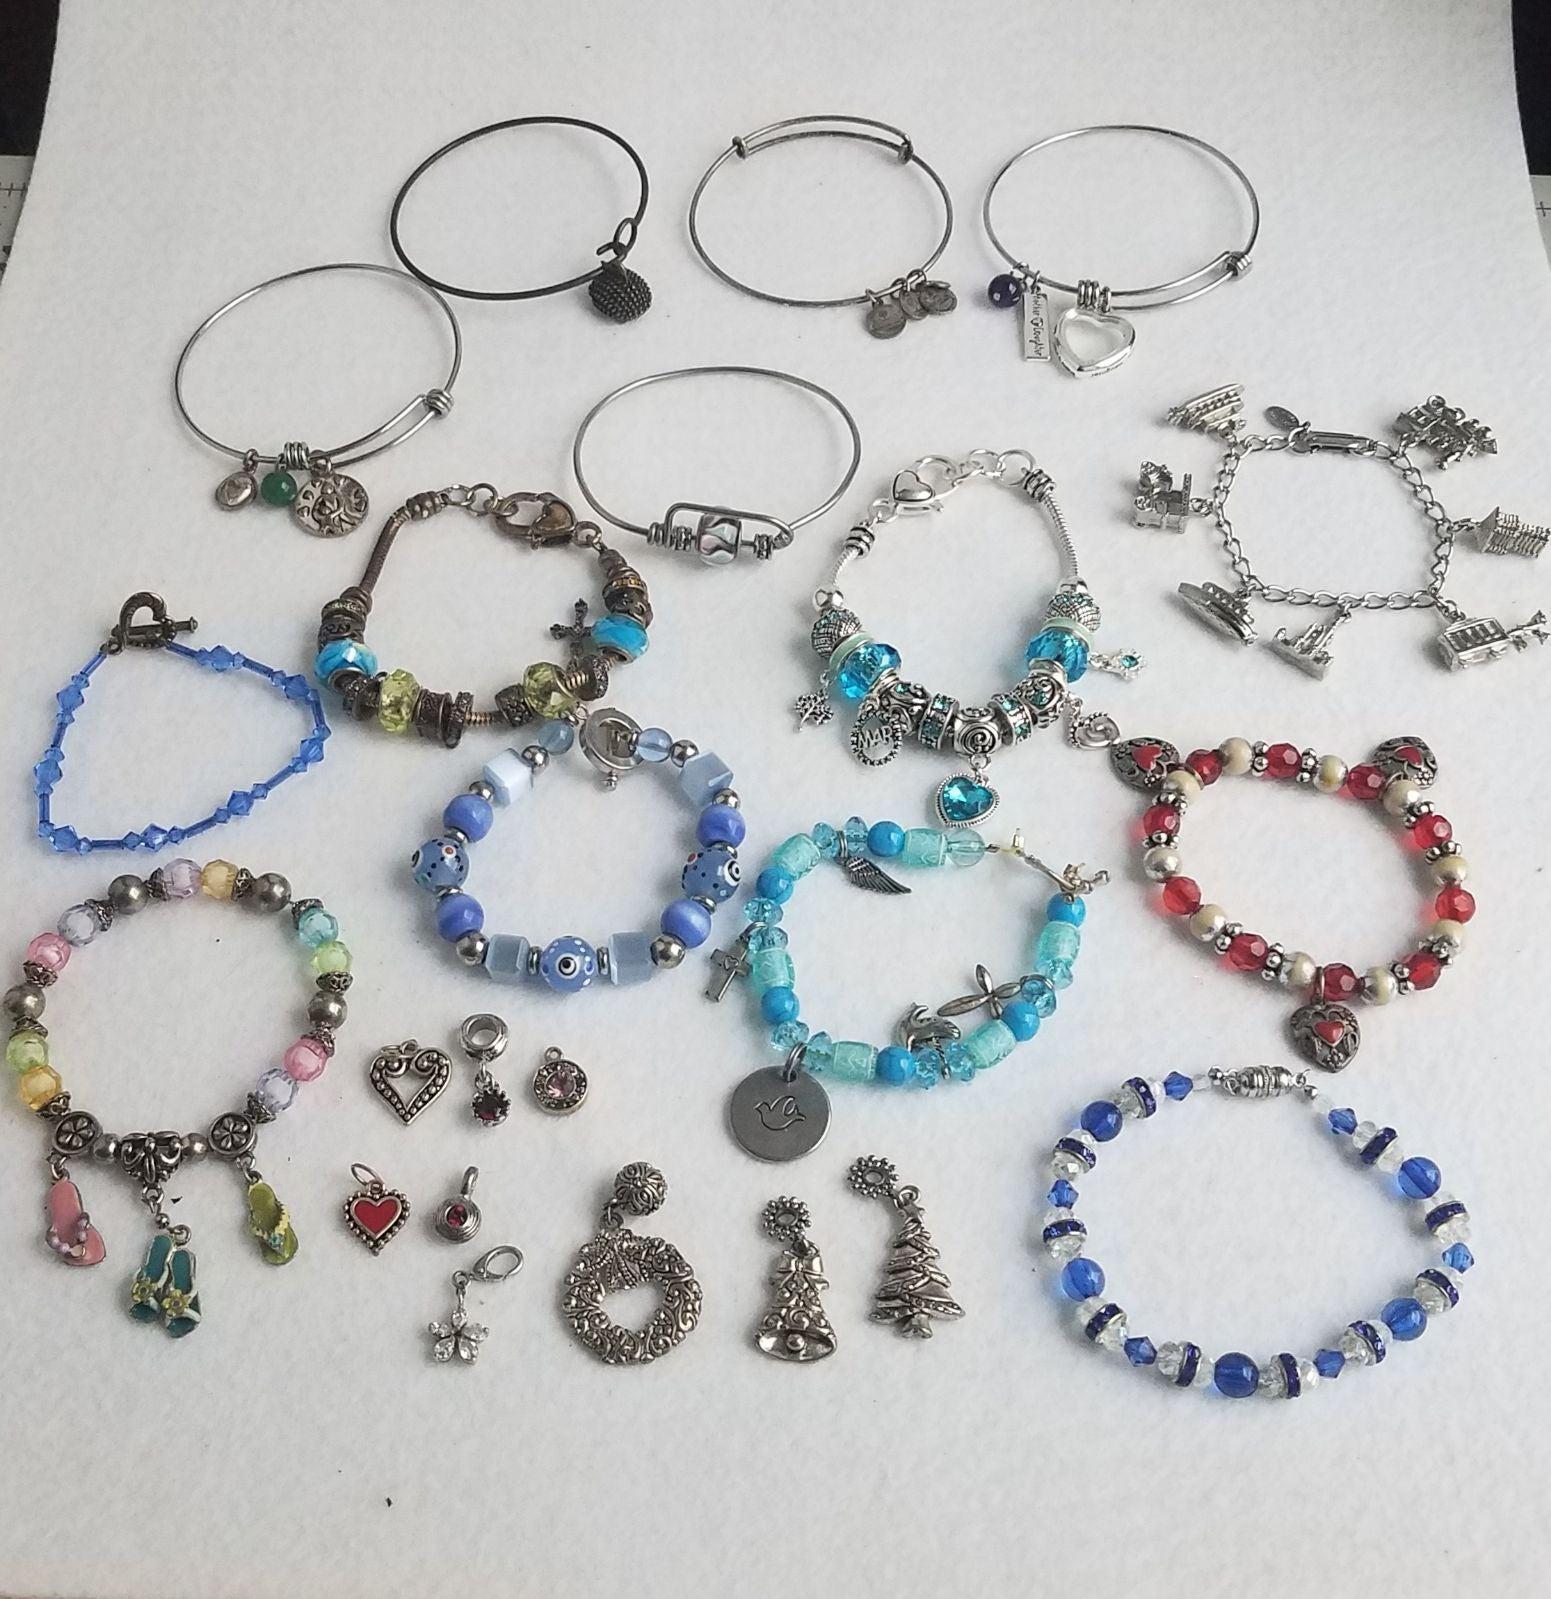 14 Charm Bracelets and 9 Charms